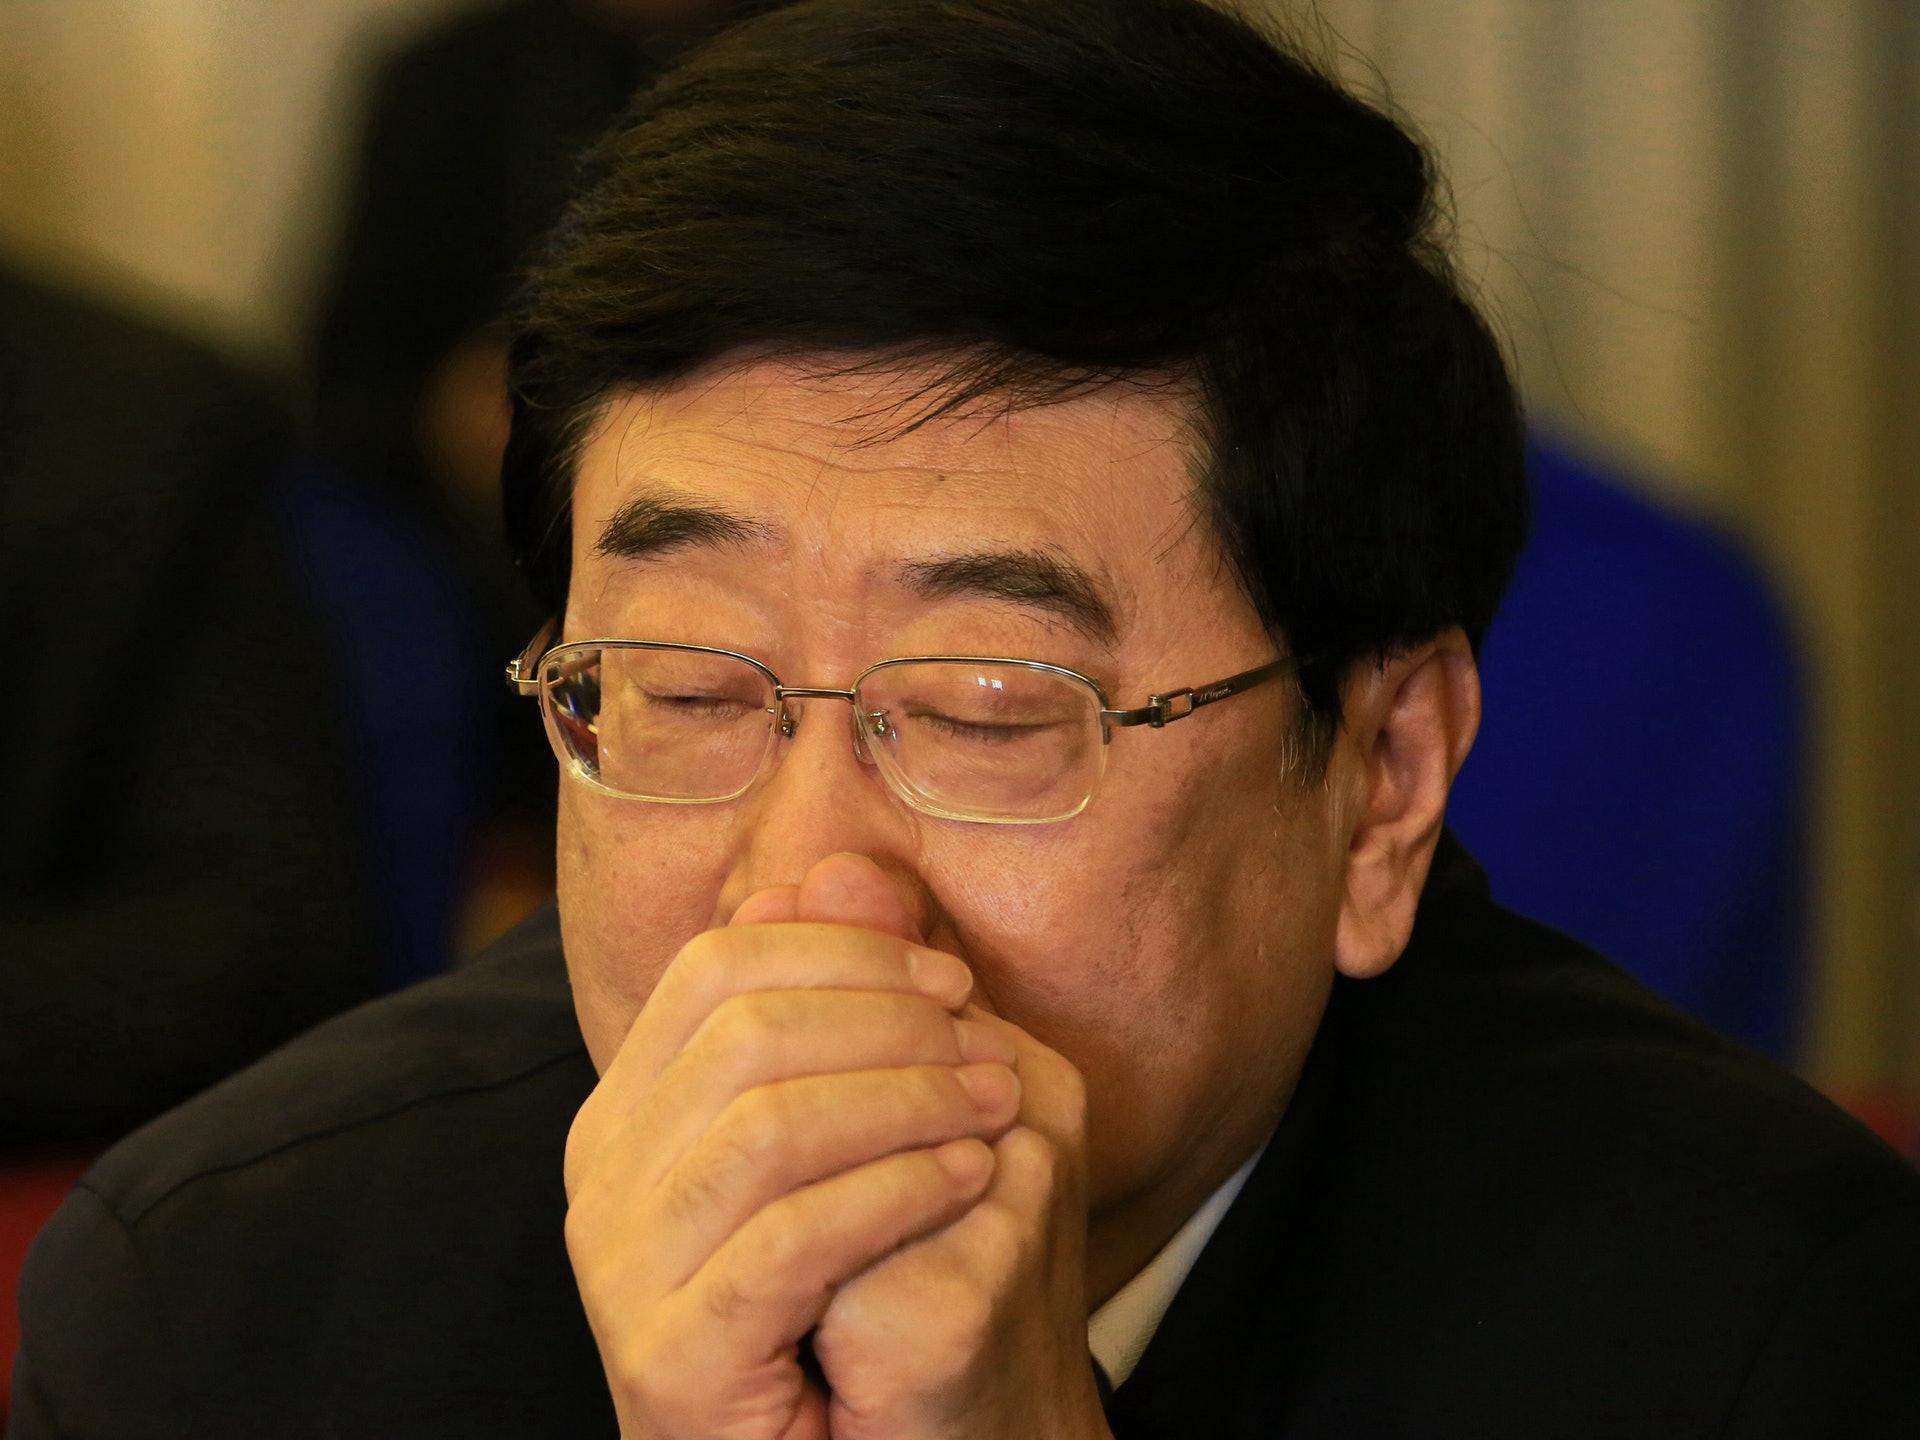 因SARS事件处理不力,北京市市长孟学农被免职。(VCG)